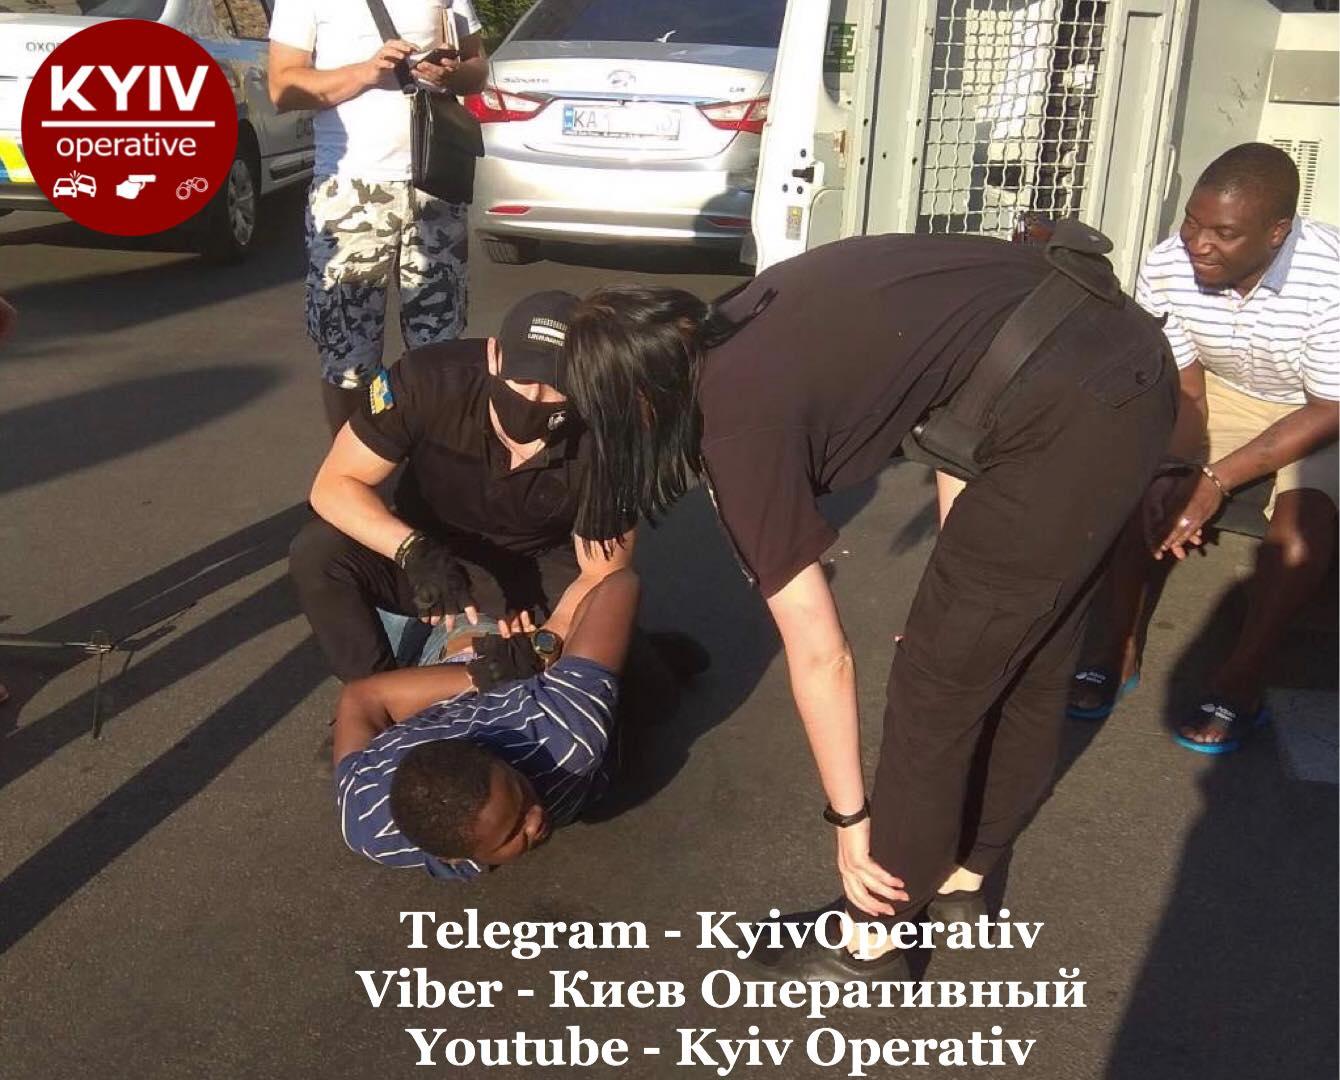 Під Києвом затримали нетверезих громадян на авто - Софіївська Борщагівка, нетверезі водії - sbpyan